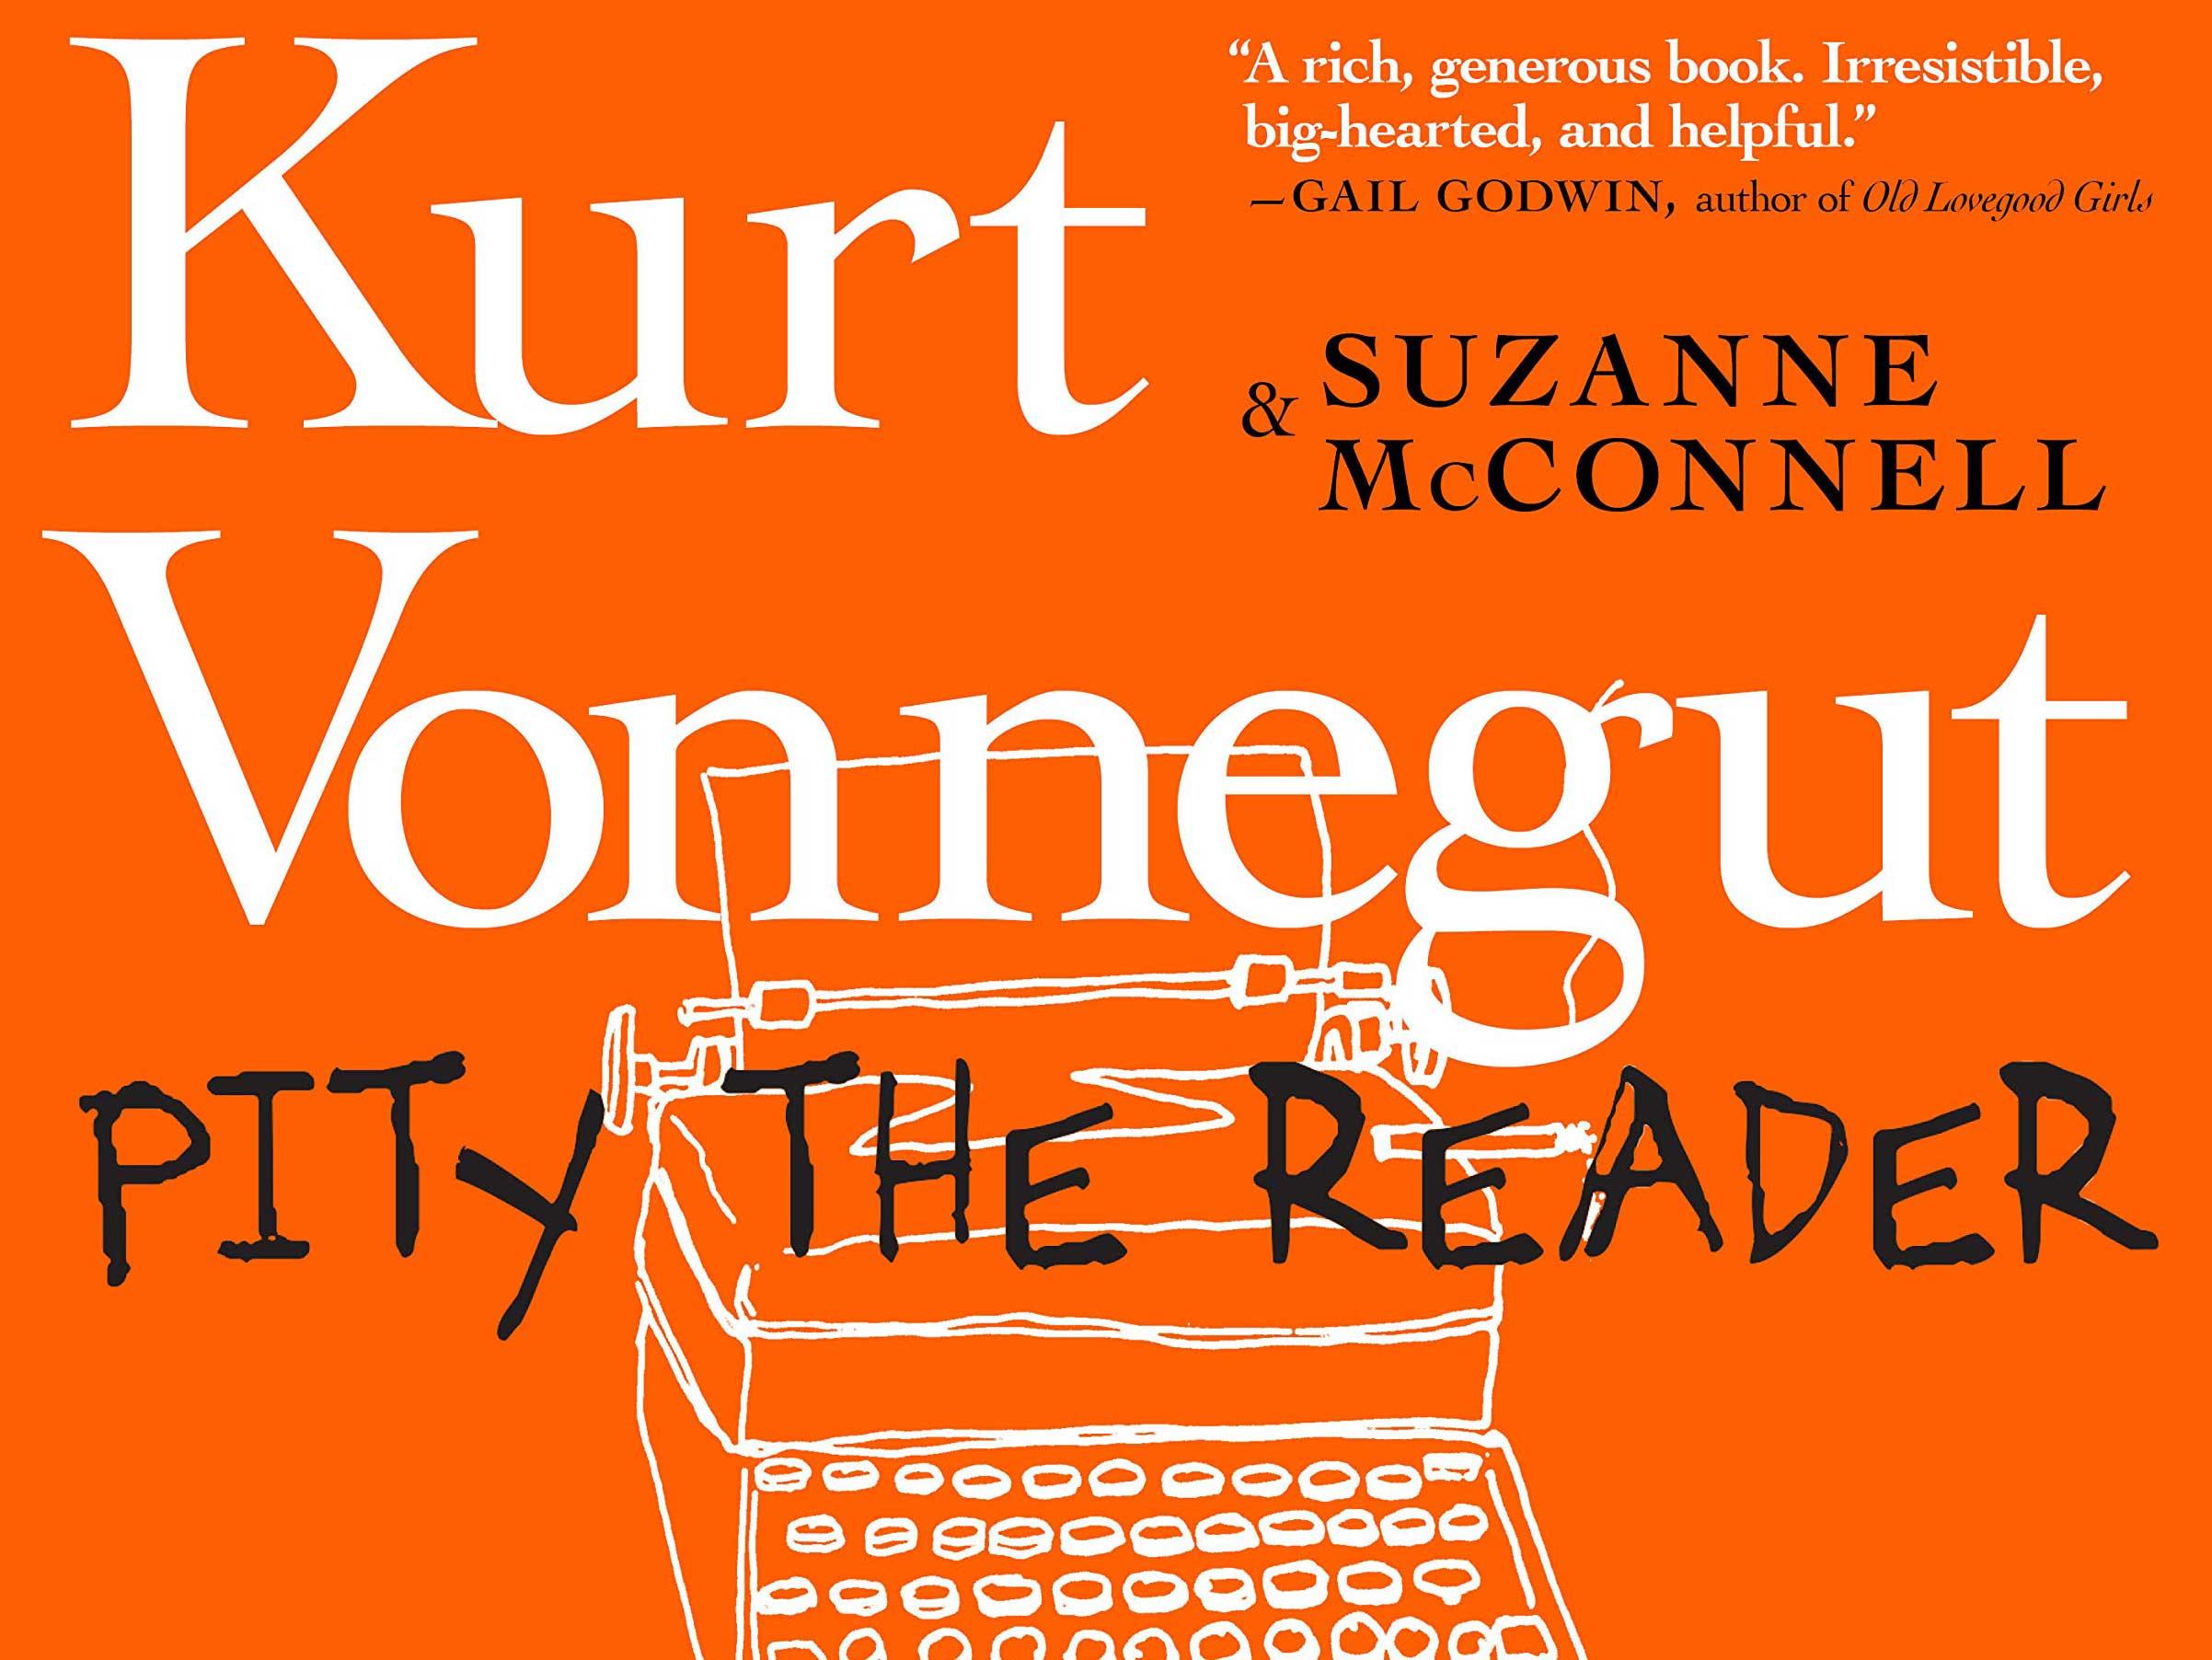 Pity the Reader: Kurt Vonnegut as Teacher